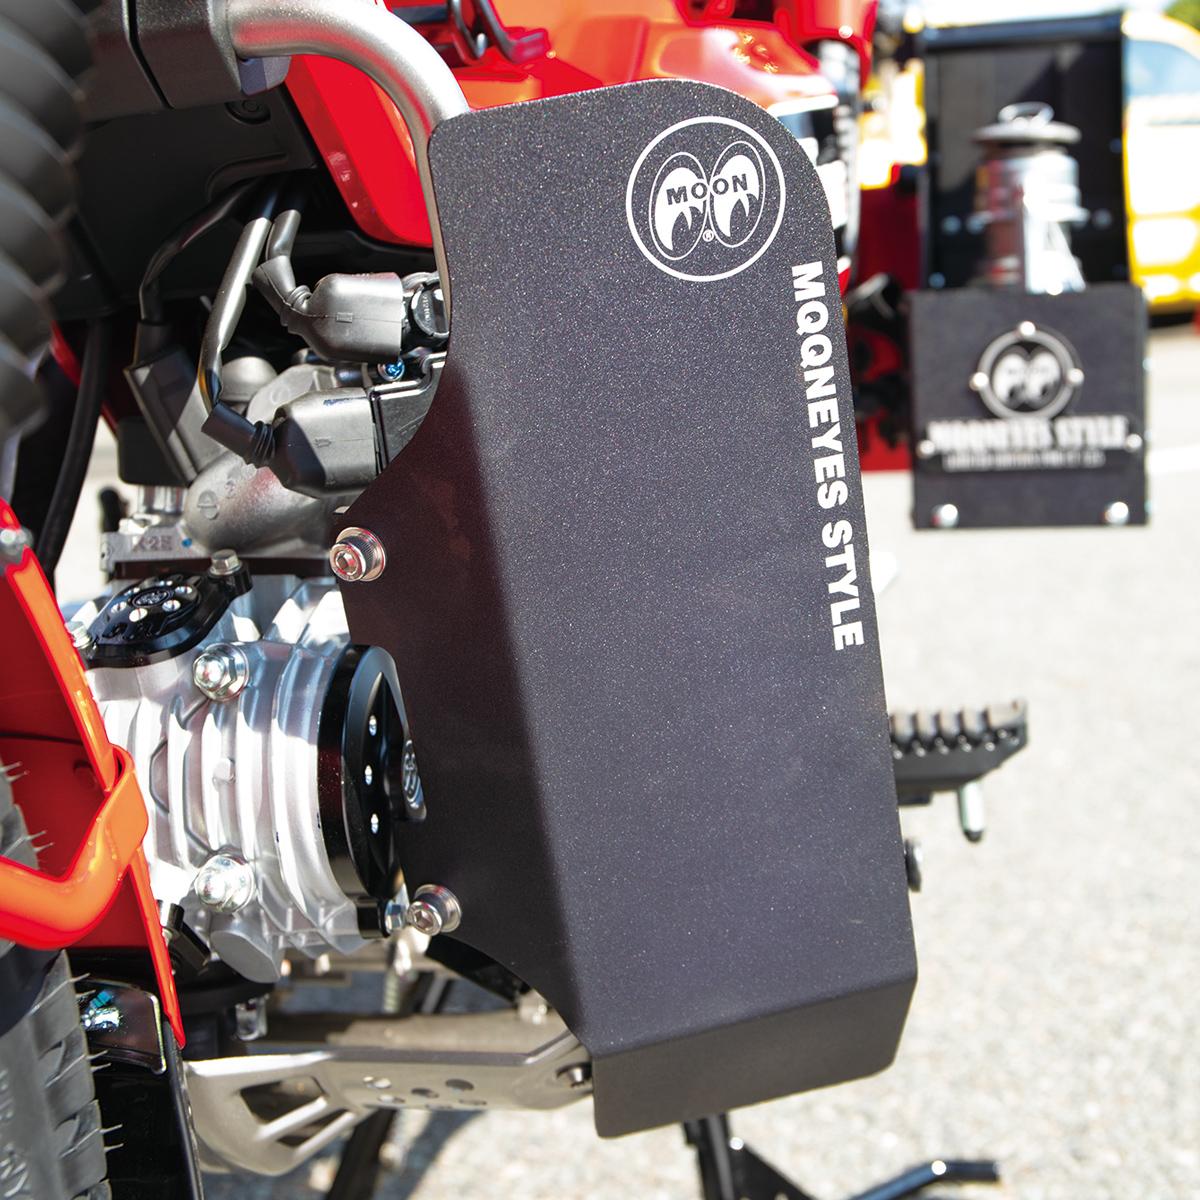 ムーンアイズ ホンダ ハンターカブ CT125 カスタムパーツ バイク 今ダケ送料無料 モーターサイクル バンパー 時間指定不可 プロテクション レッグシールド ガード アクセサリー レッグガード